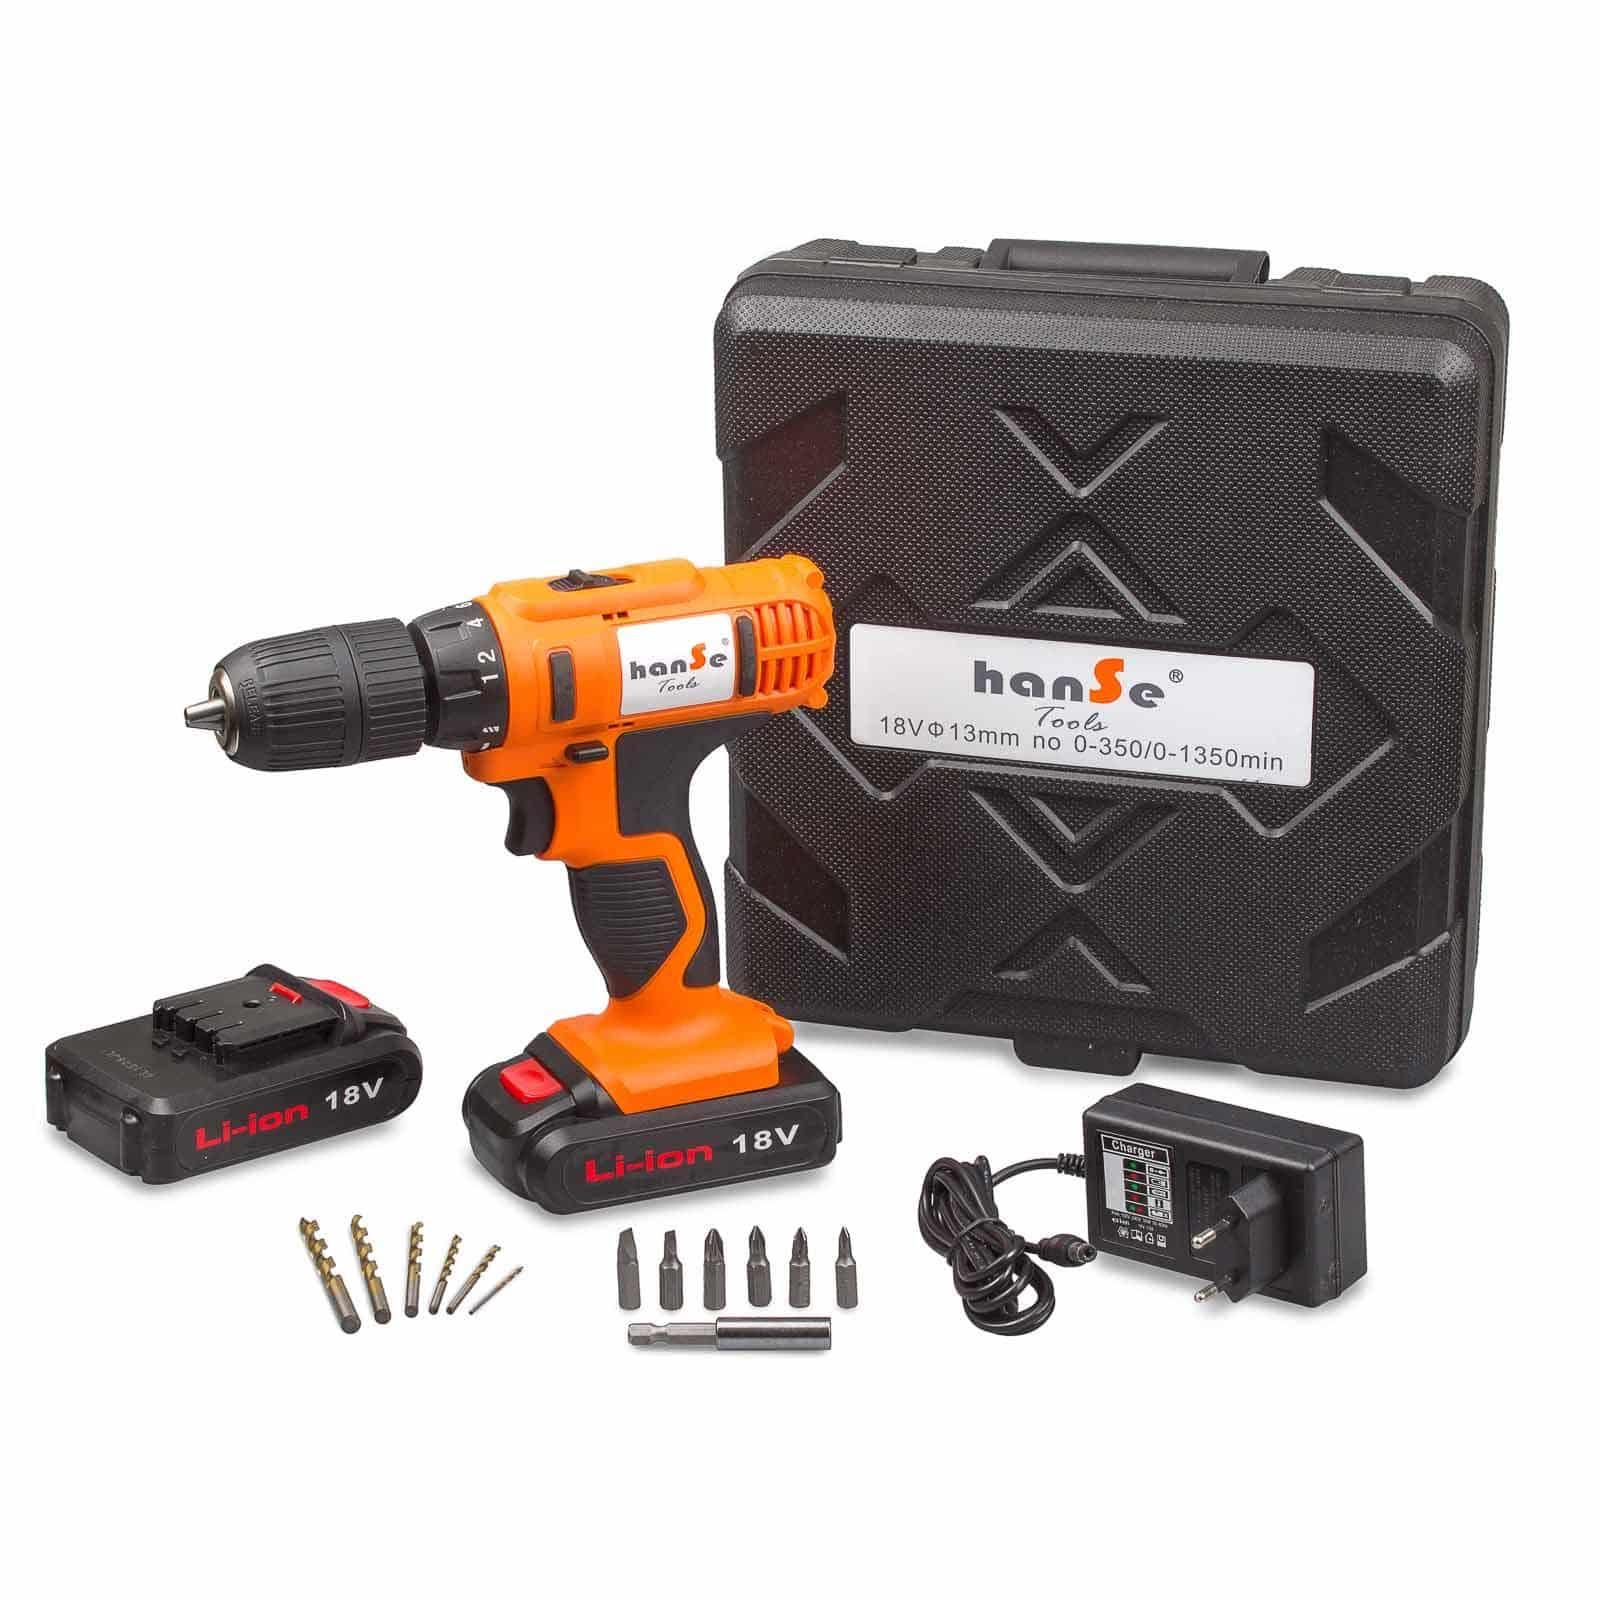 Hanse® Werkzeuge Lithium Accuboor 18V met 2 accu's - koffer - 1,5Ah